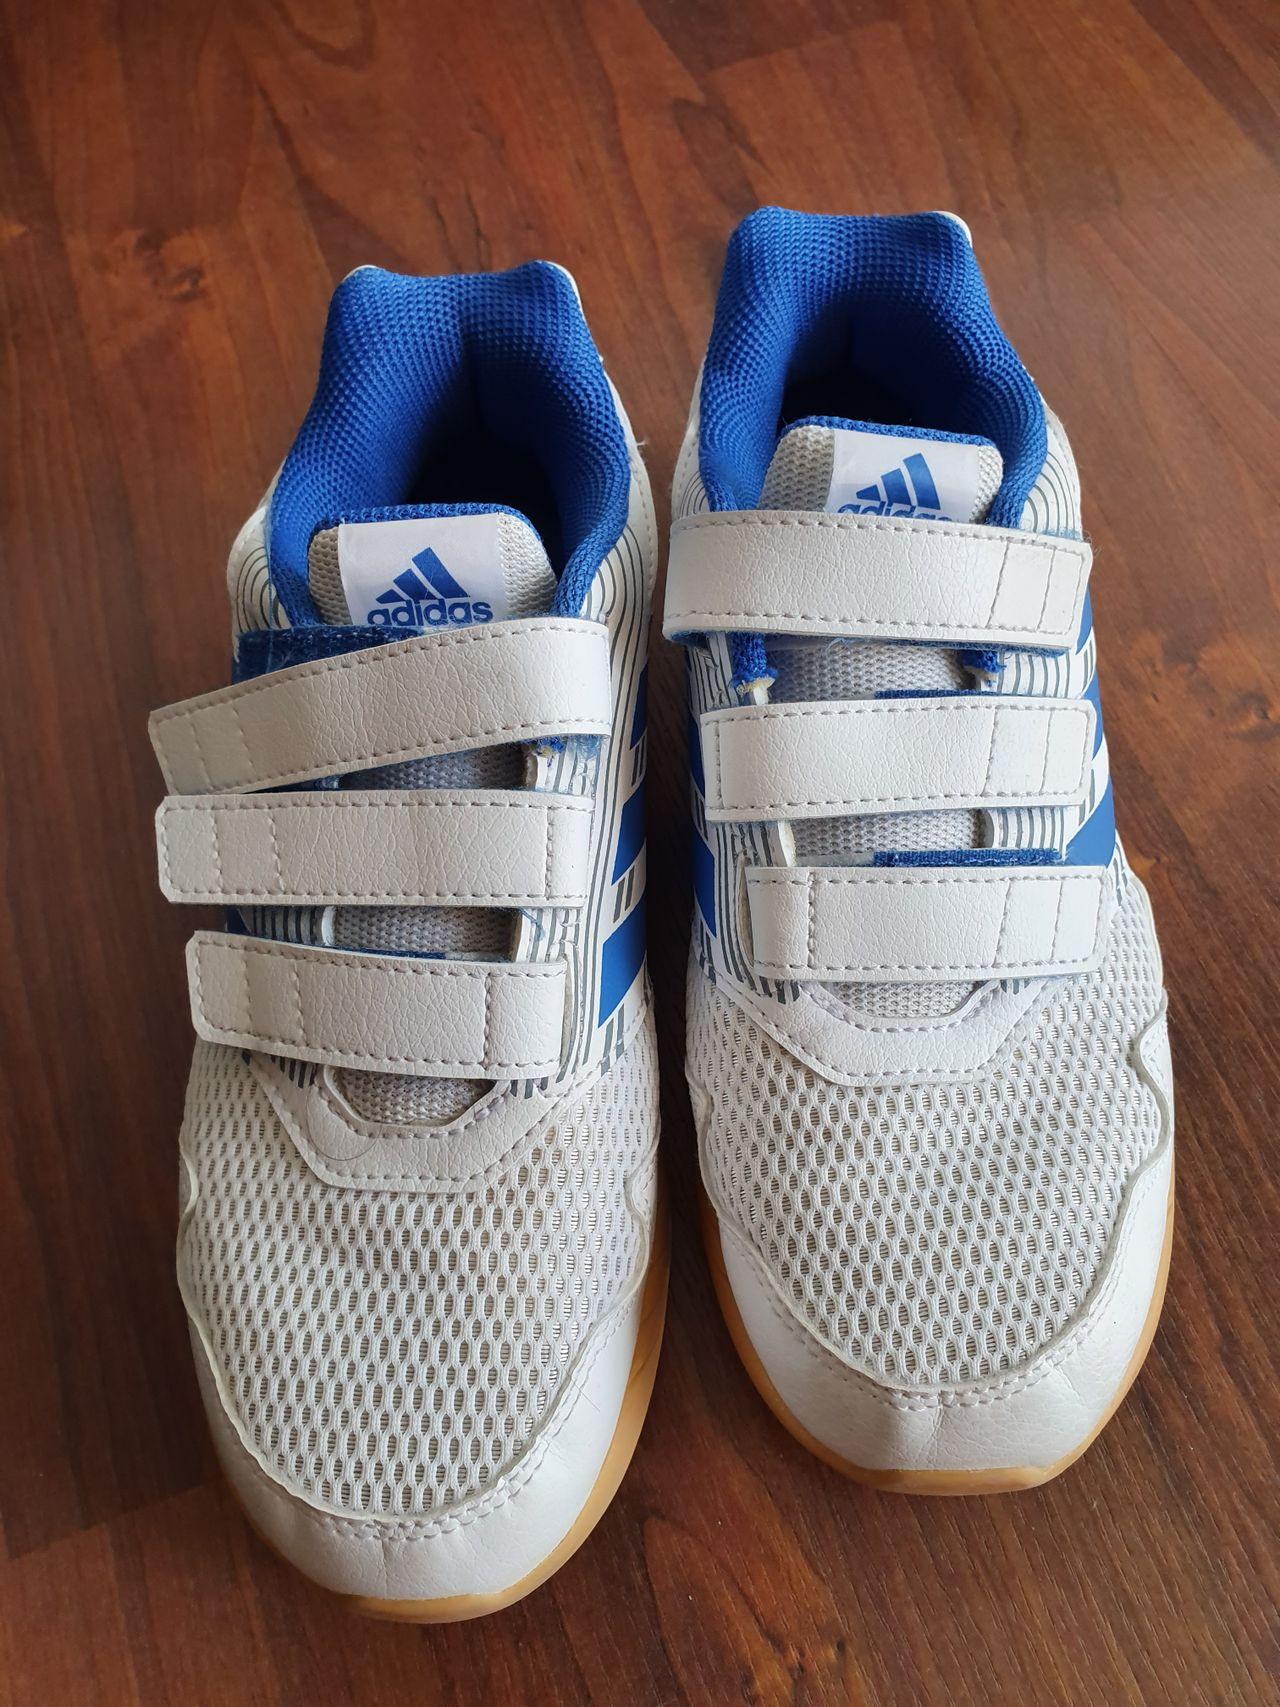 Adidas hallsko innesko gymsko str 35 | FINN.no